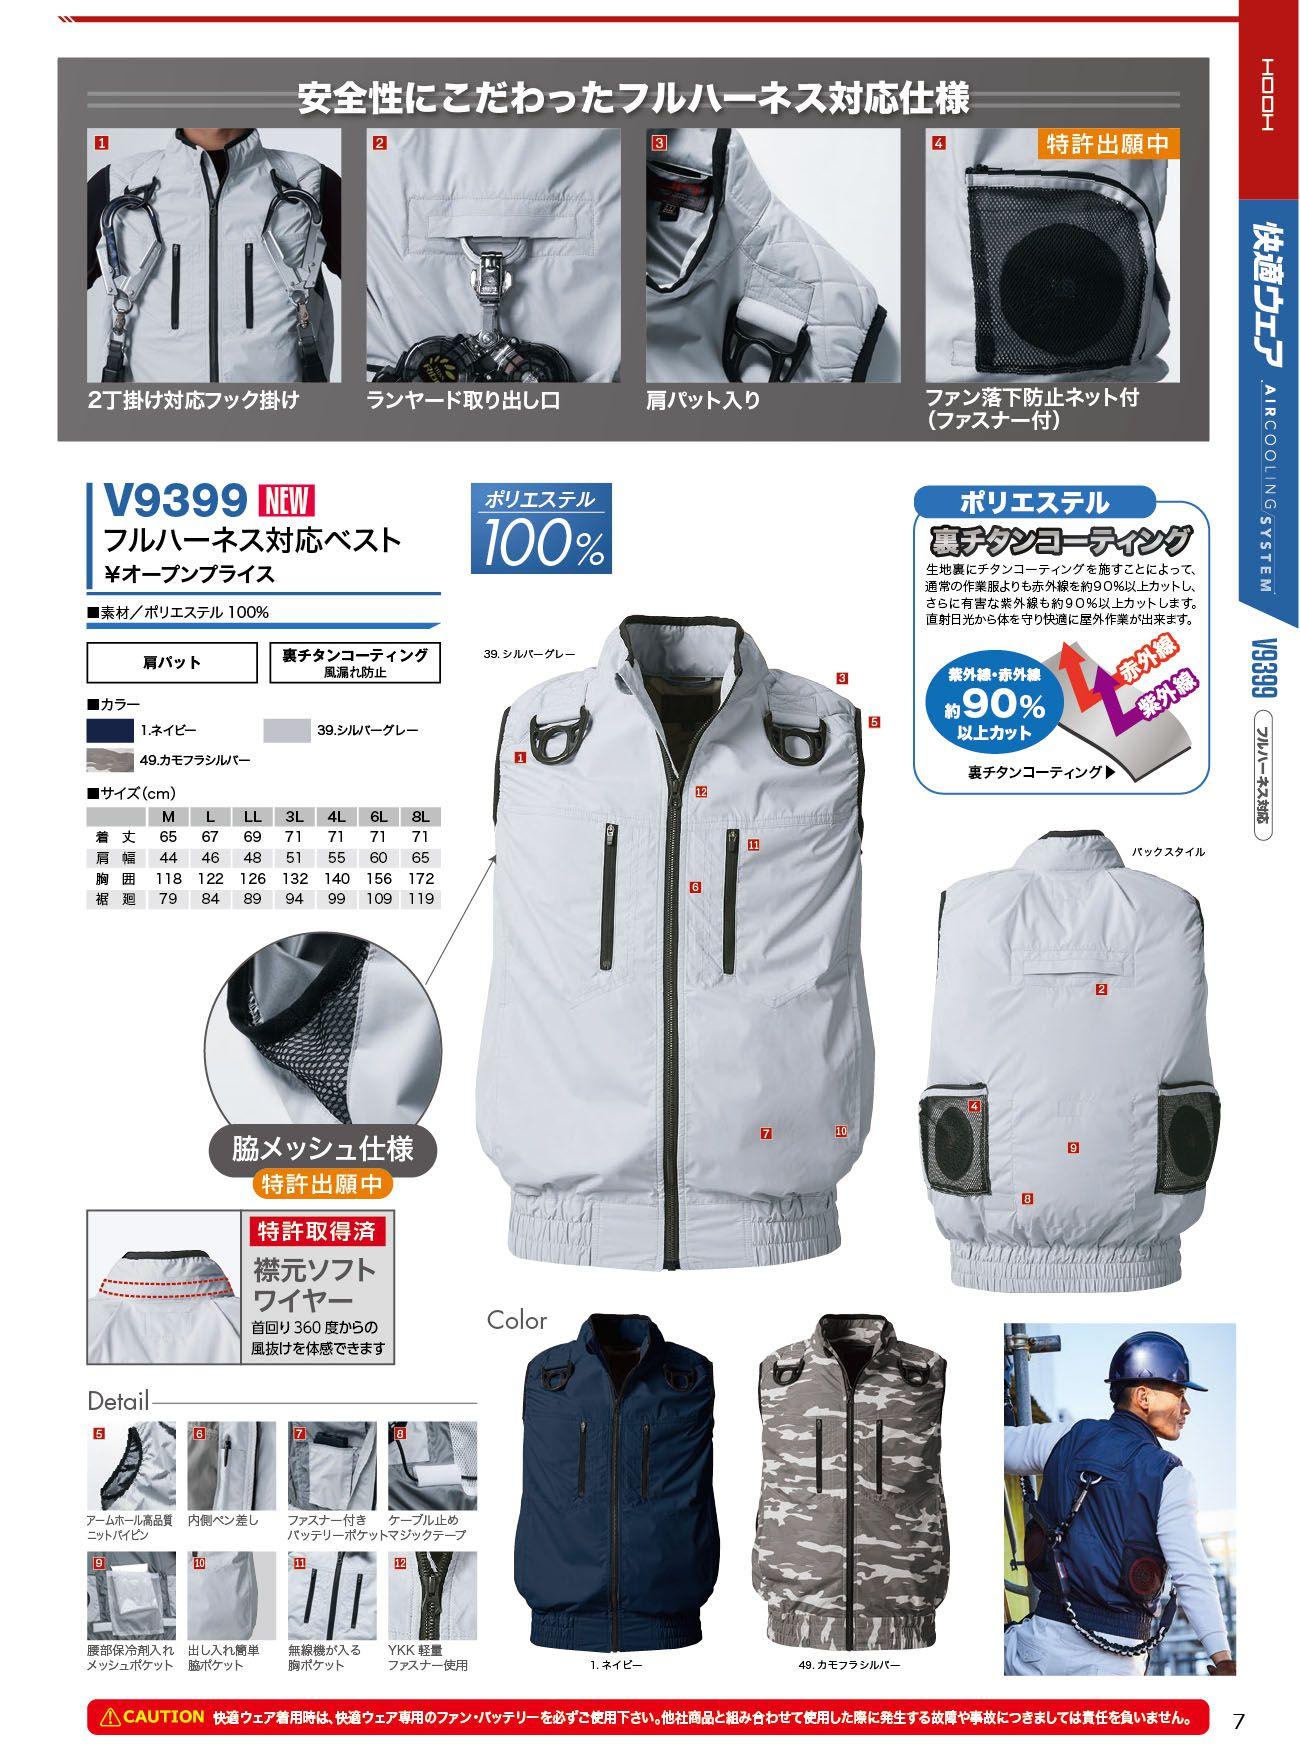 V9399フルハーネス対応ベスト空調ファン服